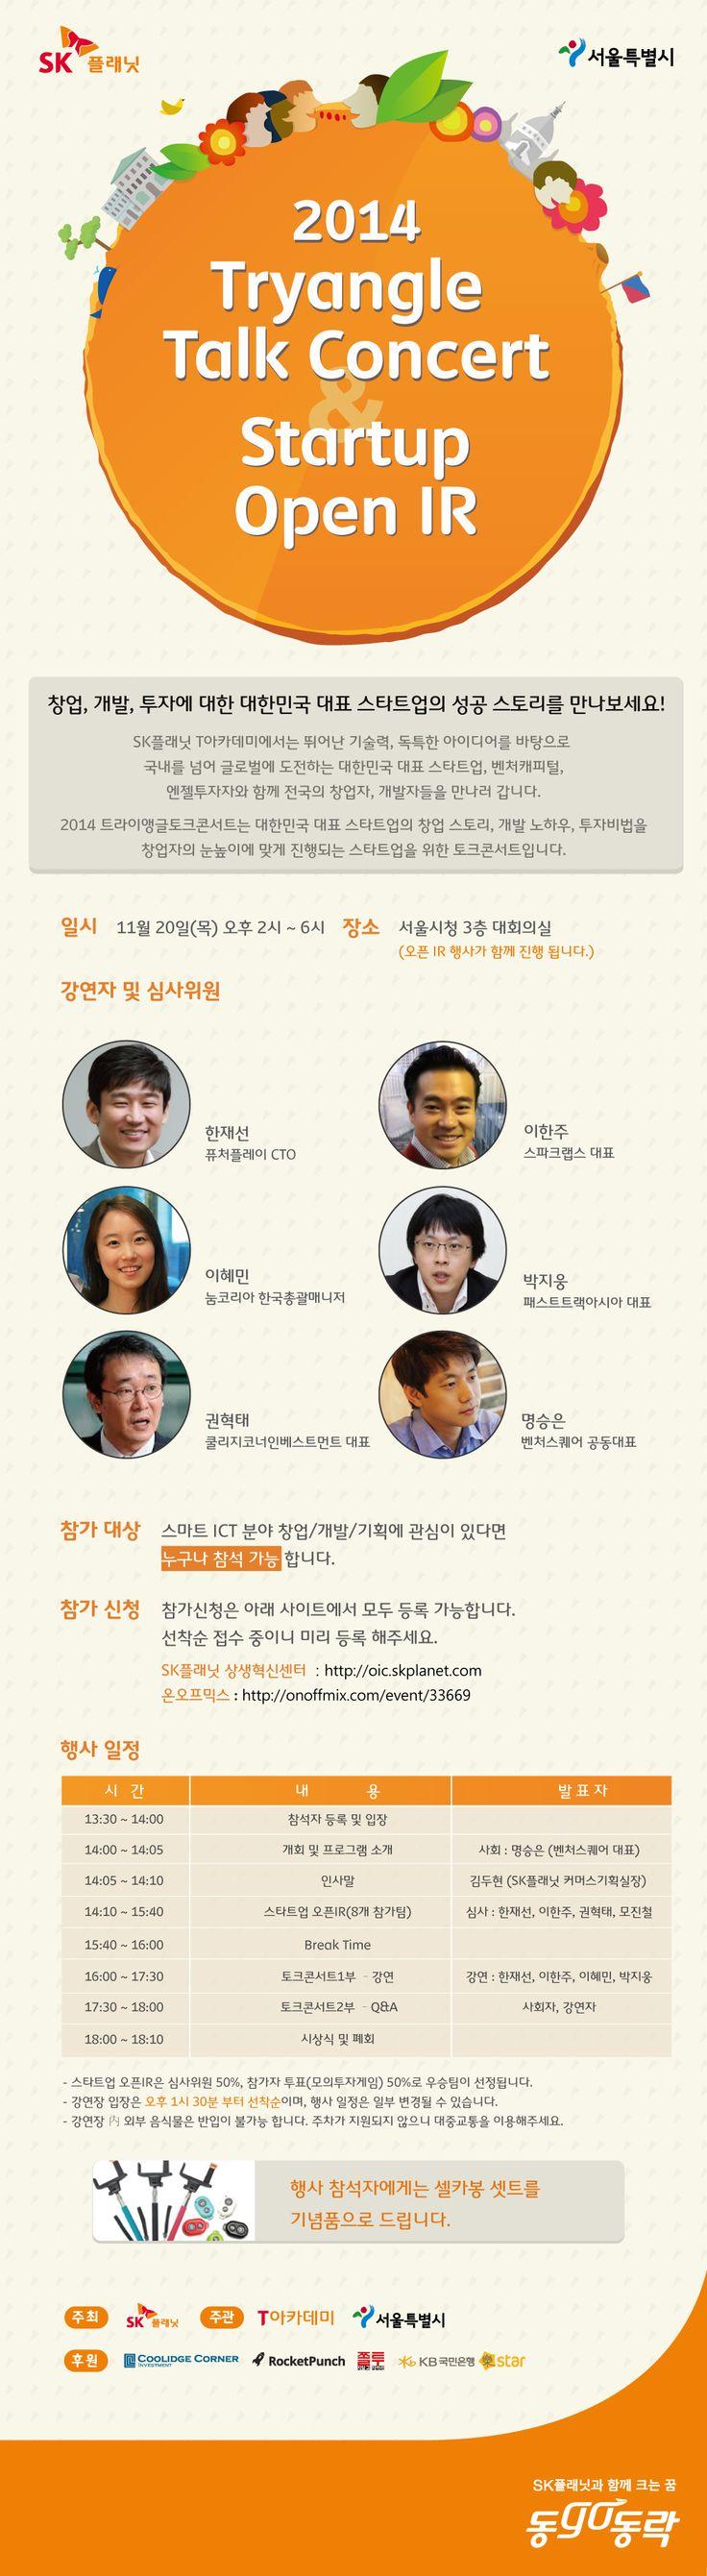 온오프믹스 :: [서울] 2014 SK플래닛 TryAngle Talk Concert & Startup Open IR